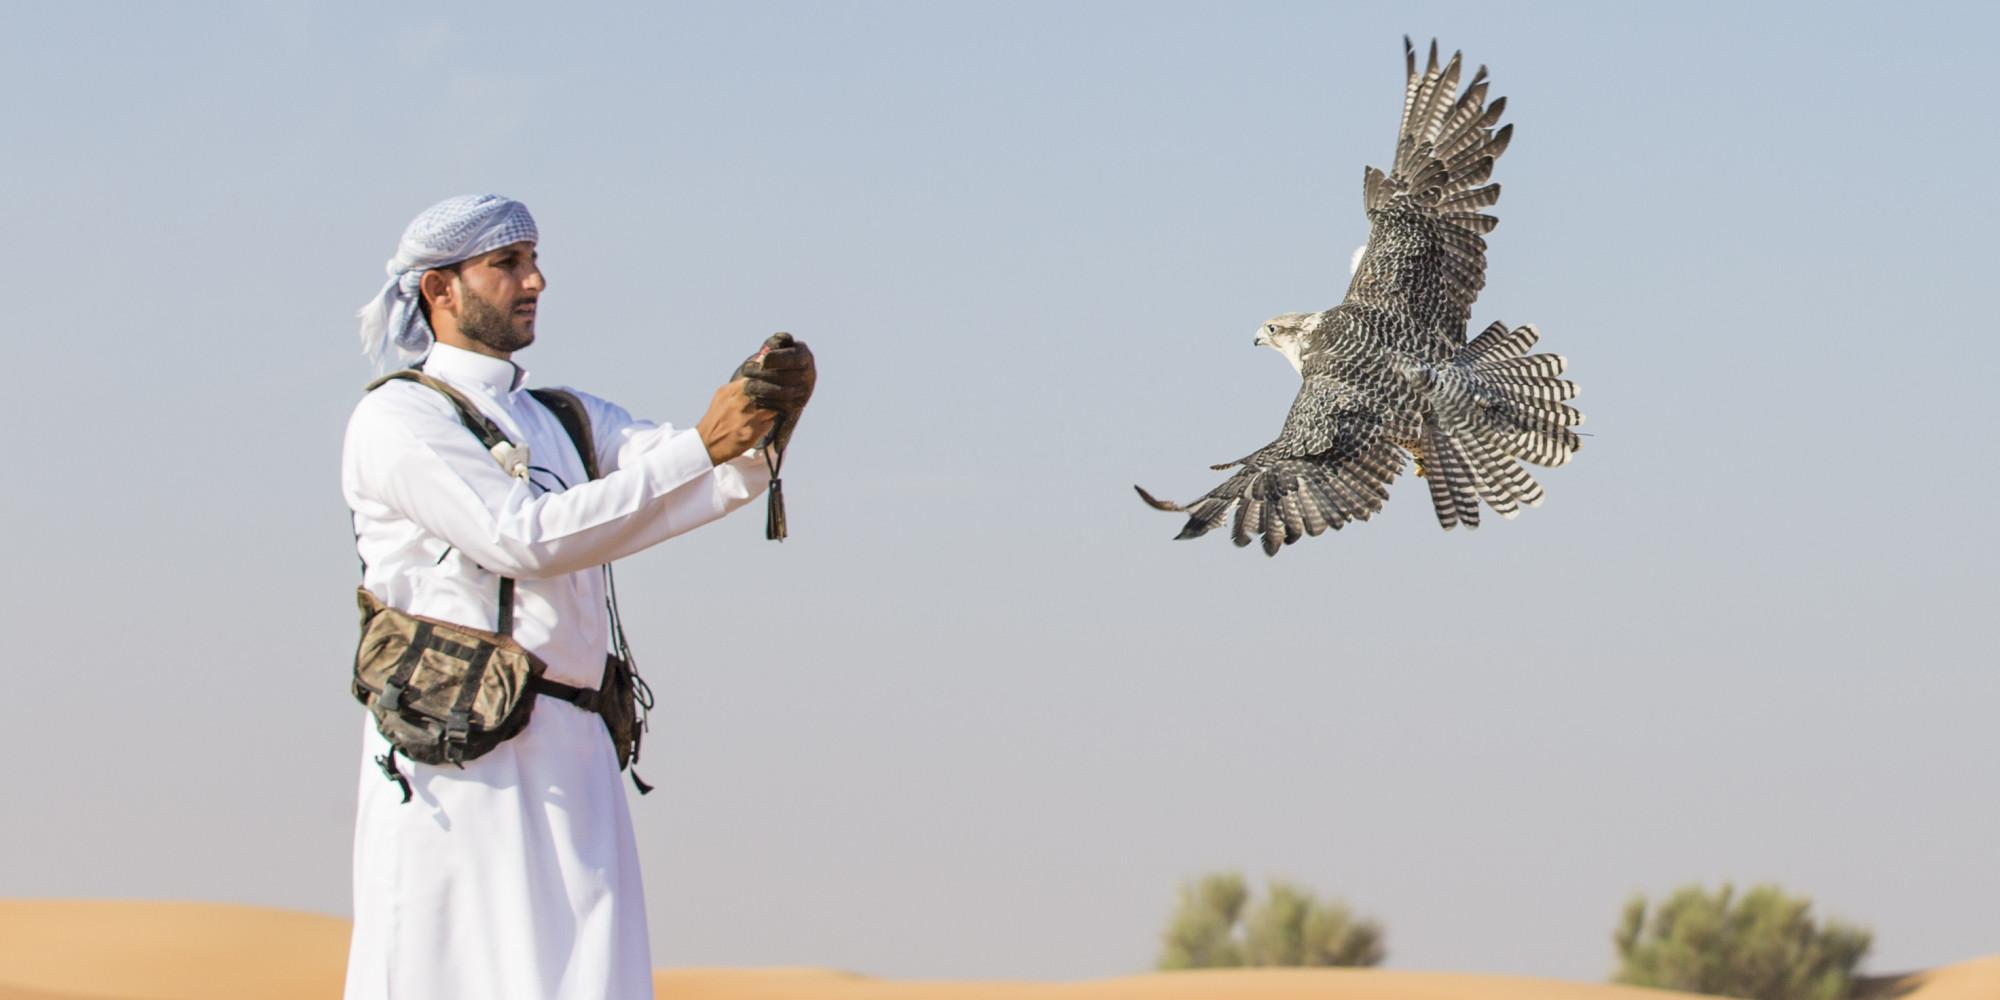 الصقور مهددة بالإنقراض بسبب الإمارات! أبو ظبي تشتري طيوراً بمليار دولار في عام واحد